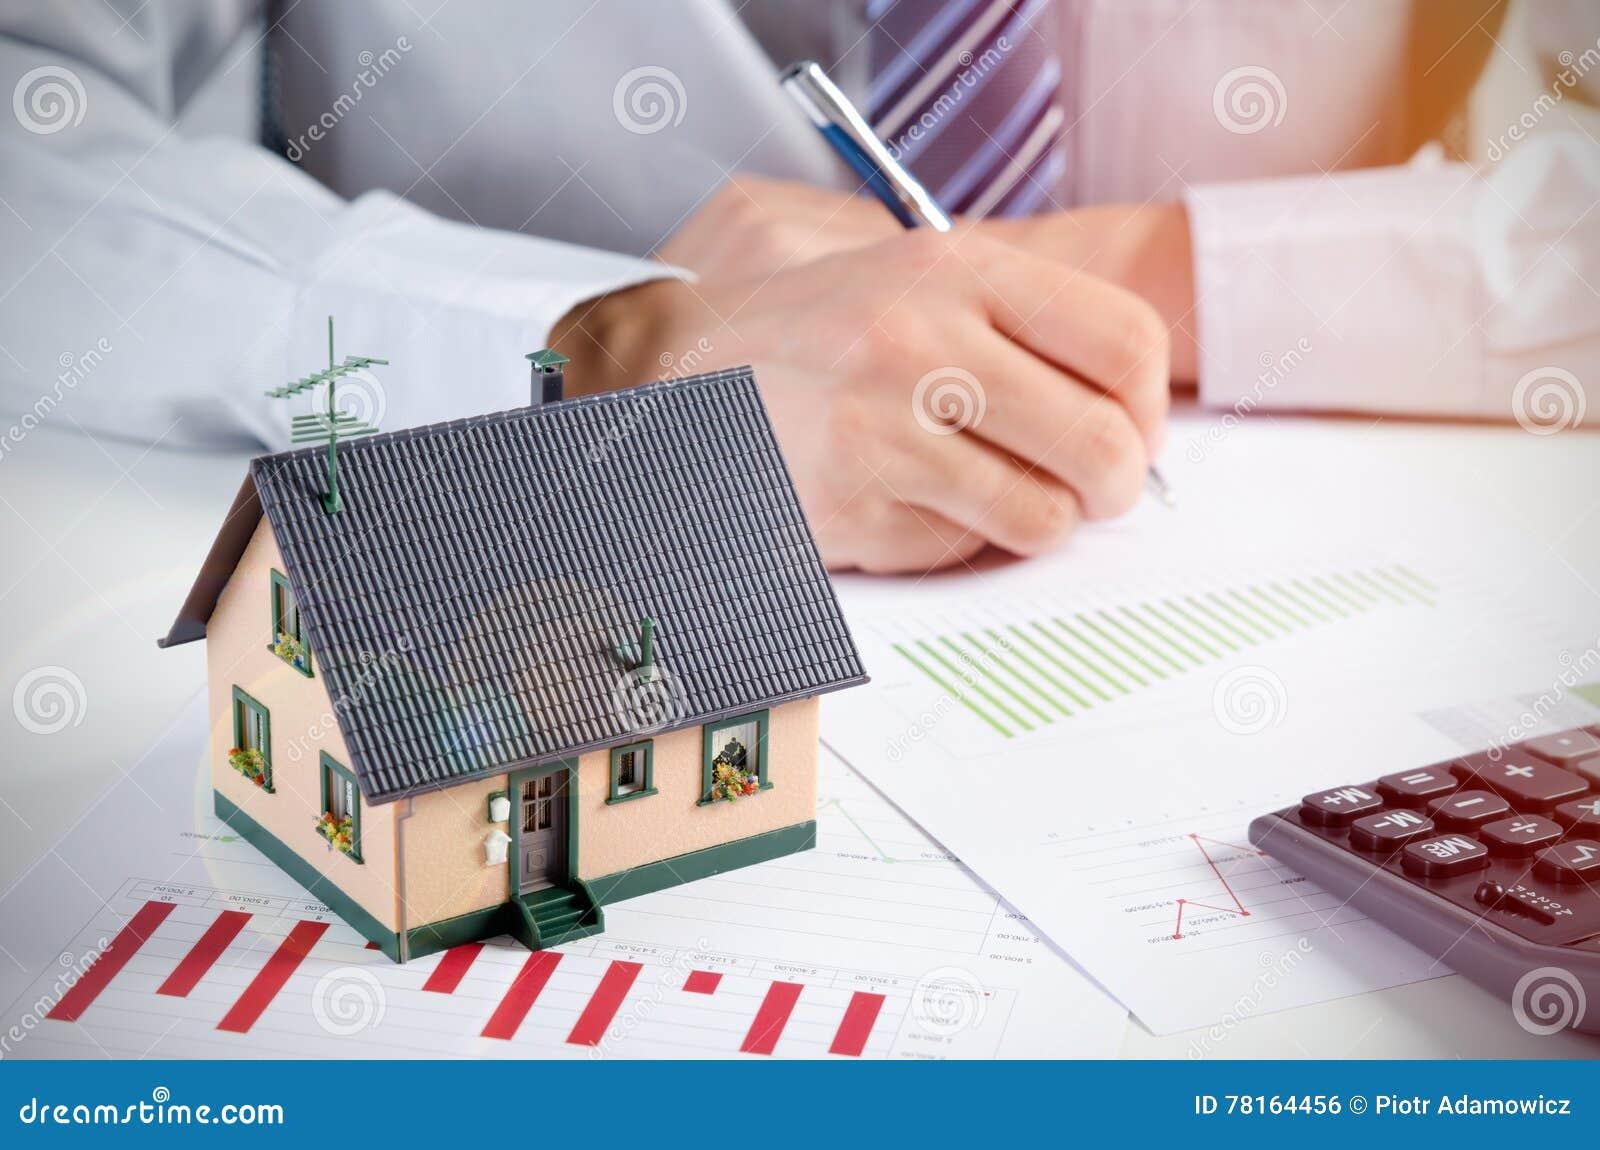 comment calculer le prix de sa maison construire sa maison soi meme plan maison 3d maison. Black Bedroom Furniture Sets. Home Design Ideas